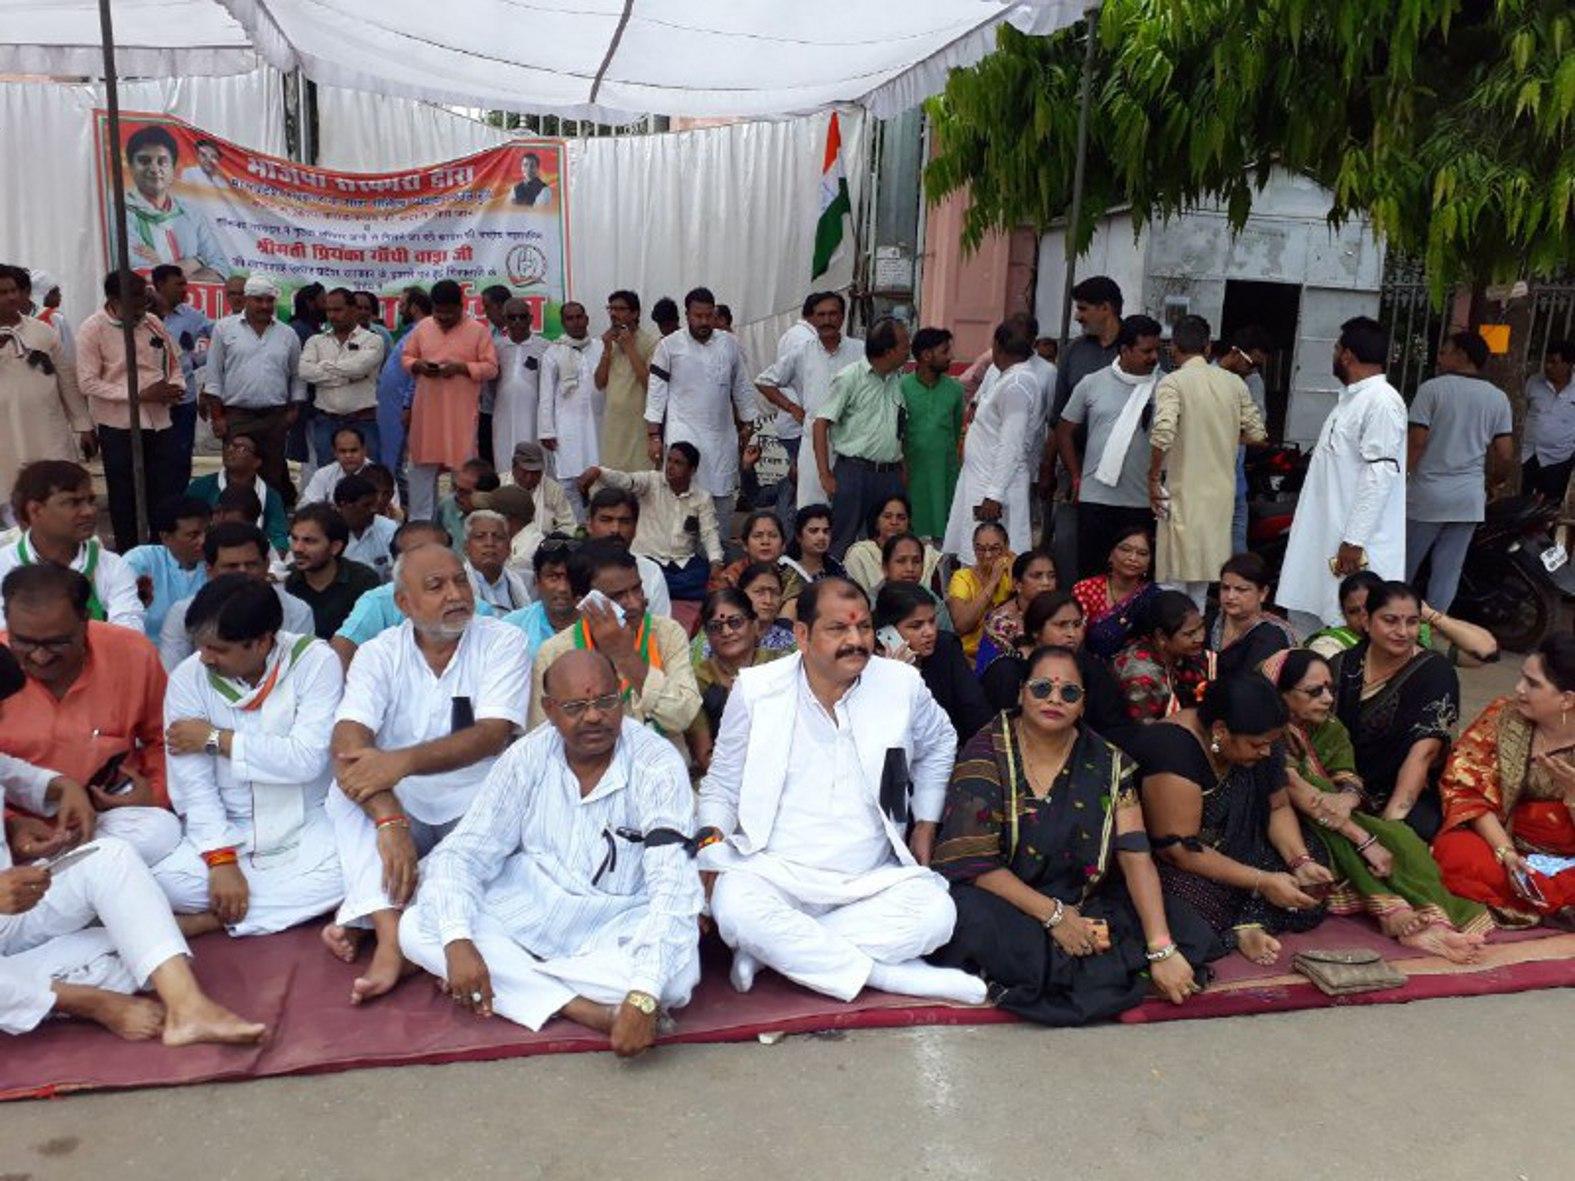 कांग्रेस की चेतावनी- भाजपा को भारी पड़ेगी प्रियंका की गिरफ्तारी